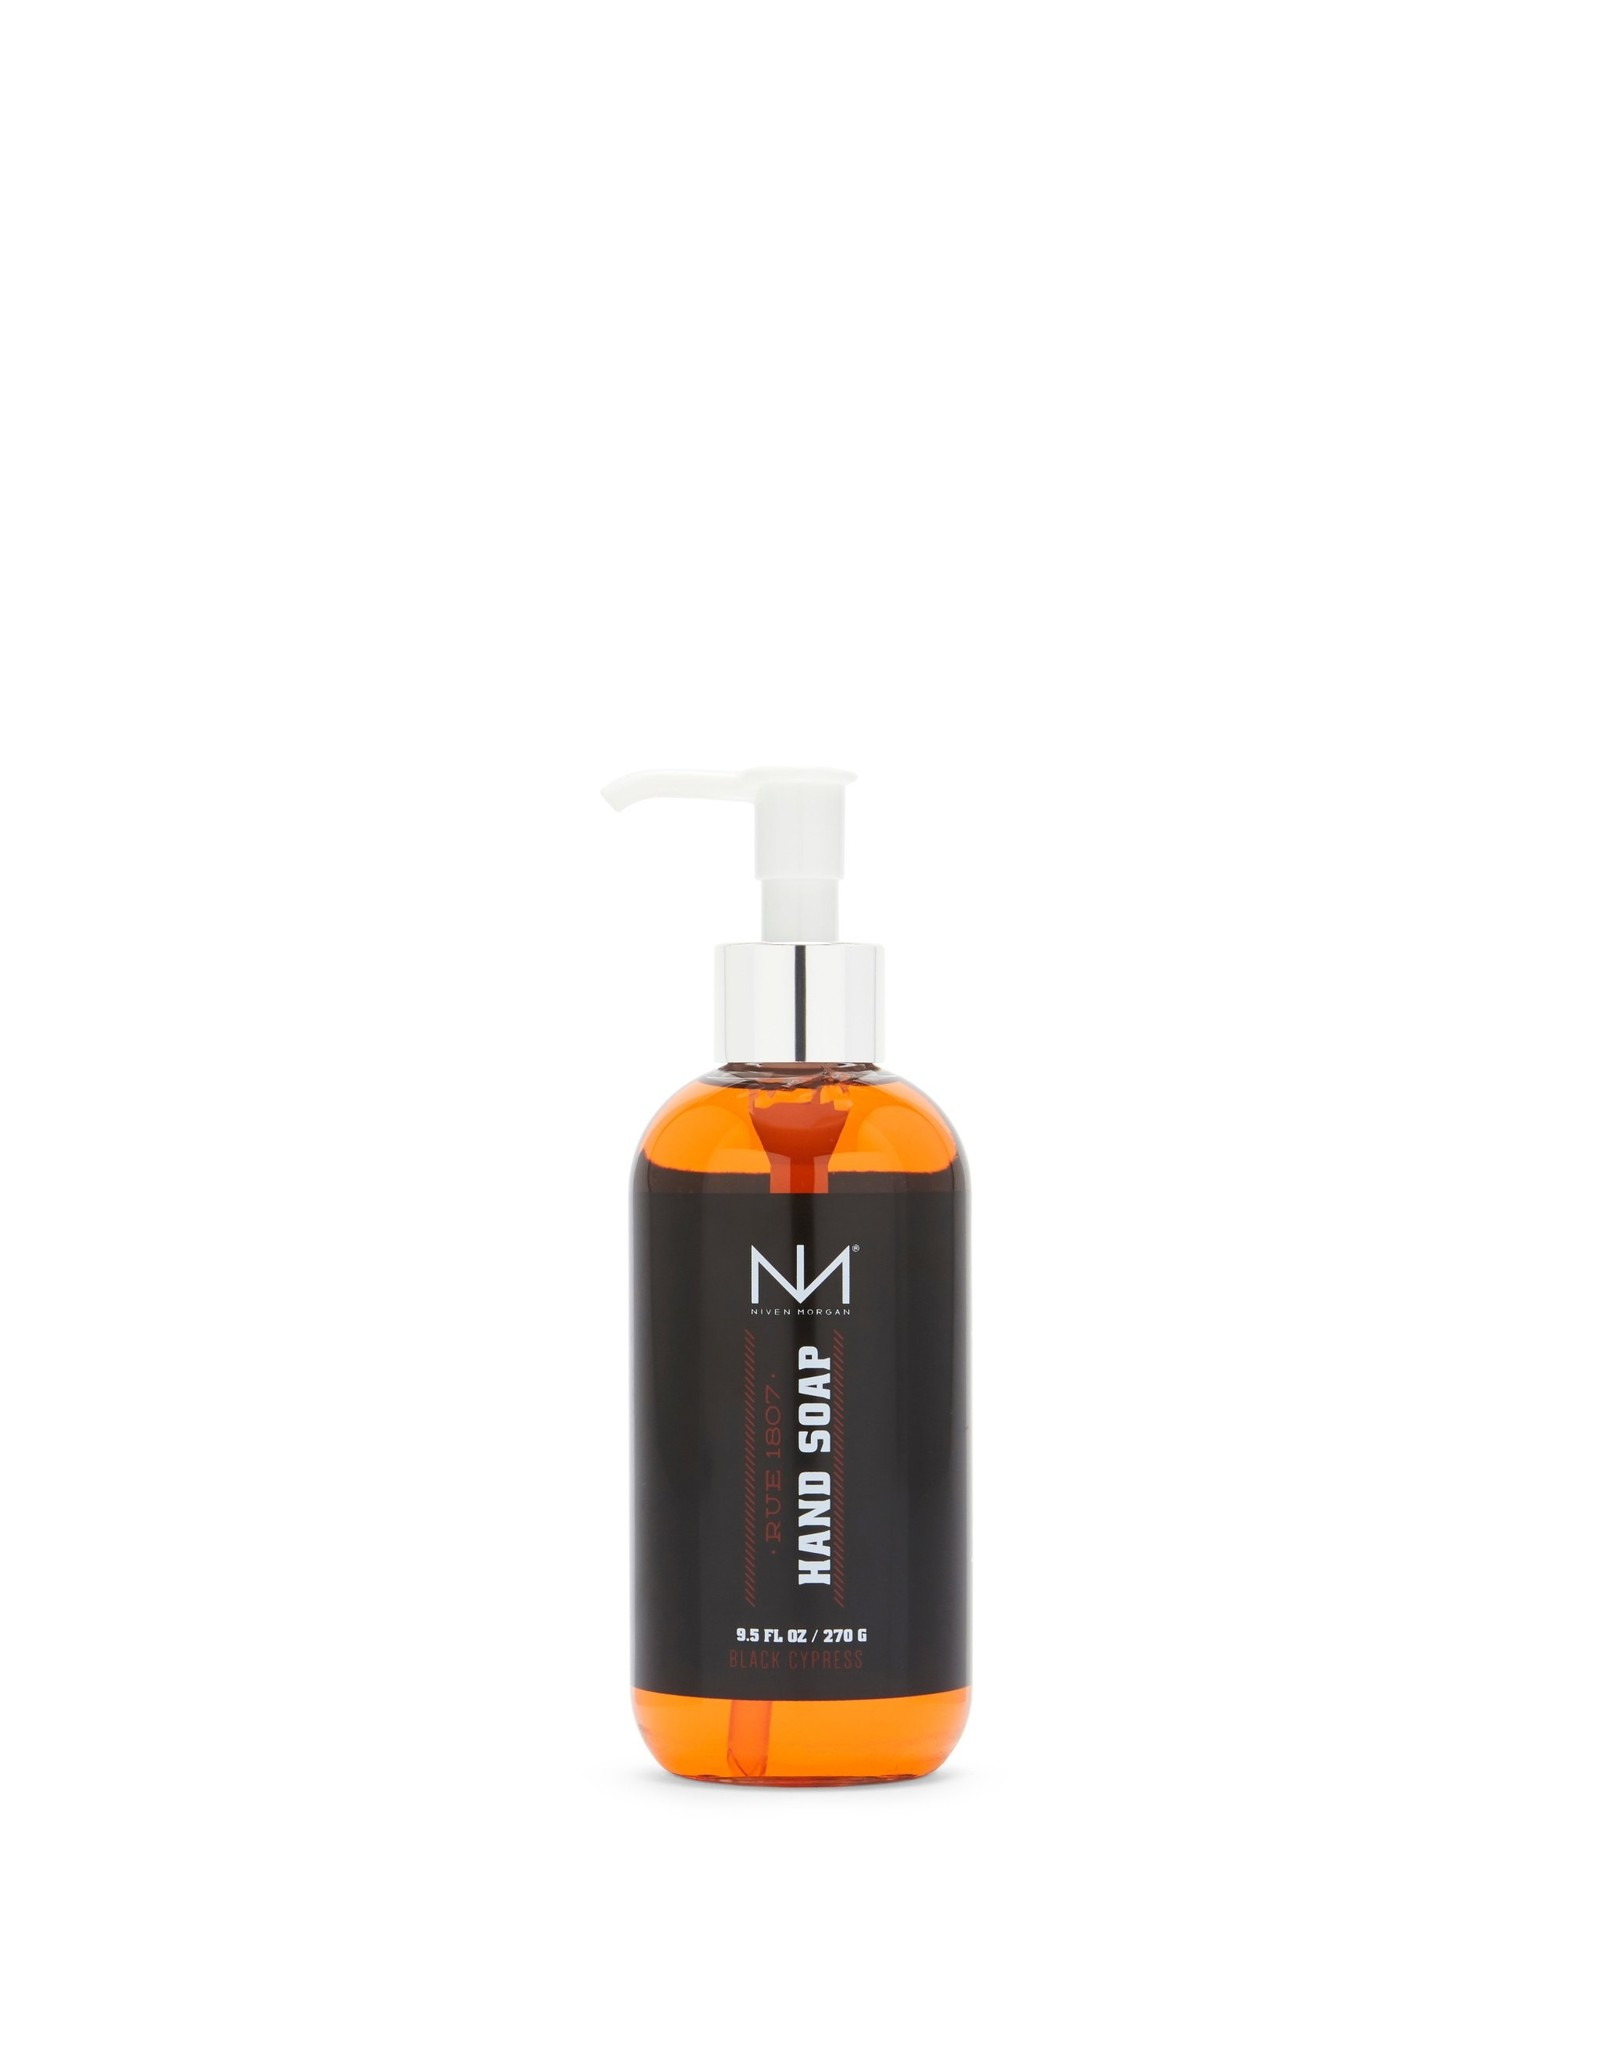 Niven Morgan Niven Morgan Rue Hand Soap 9.5oz